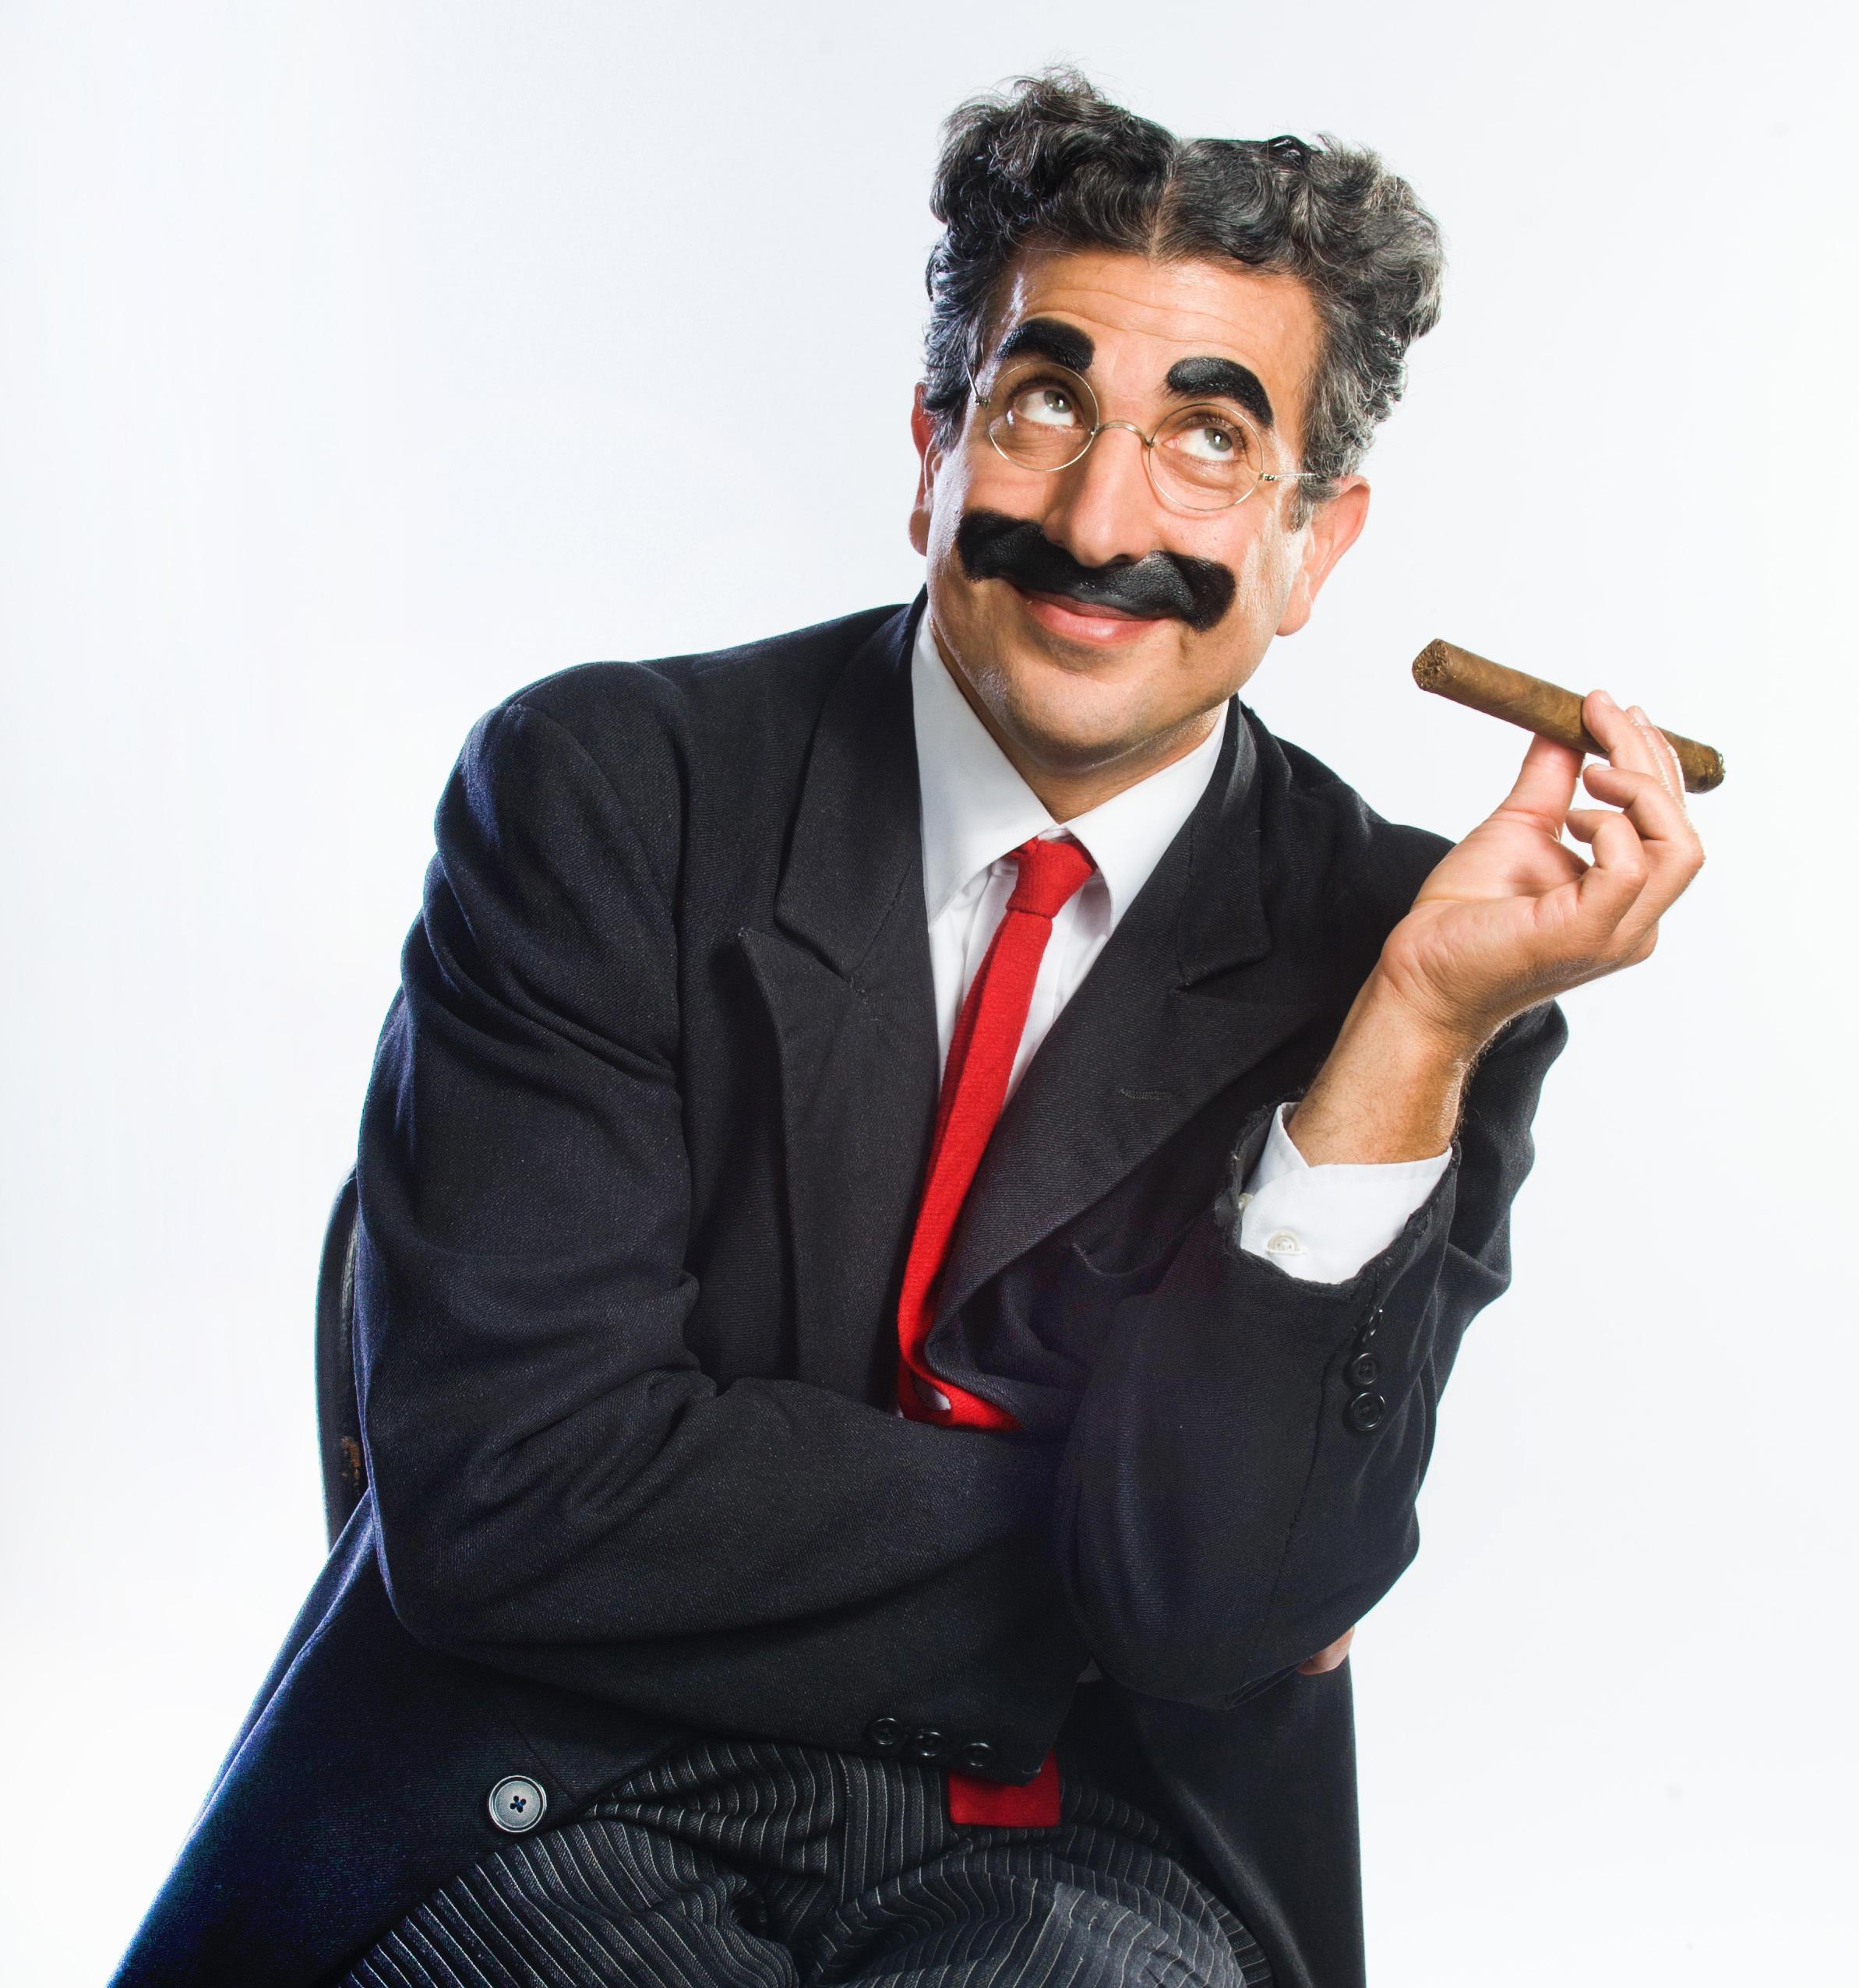 Groucho Me Frank Ferrante Wvxu